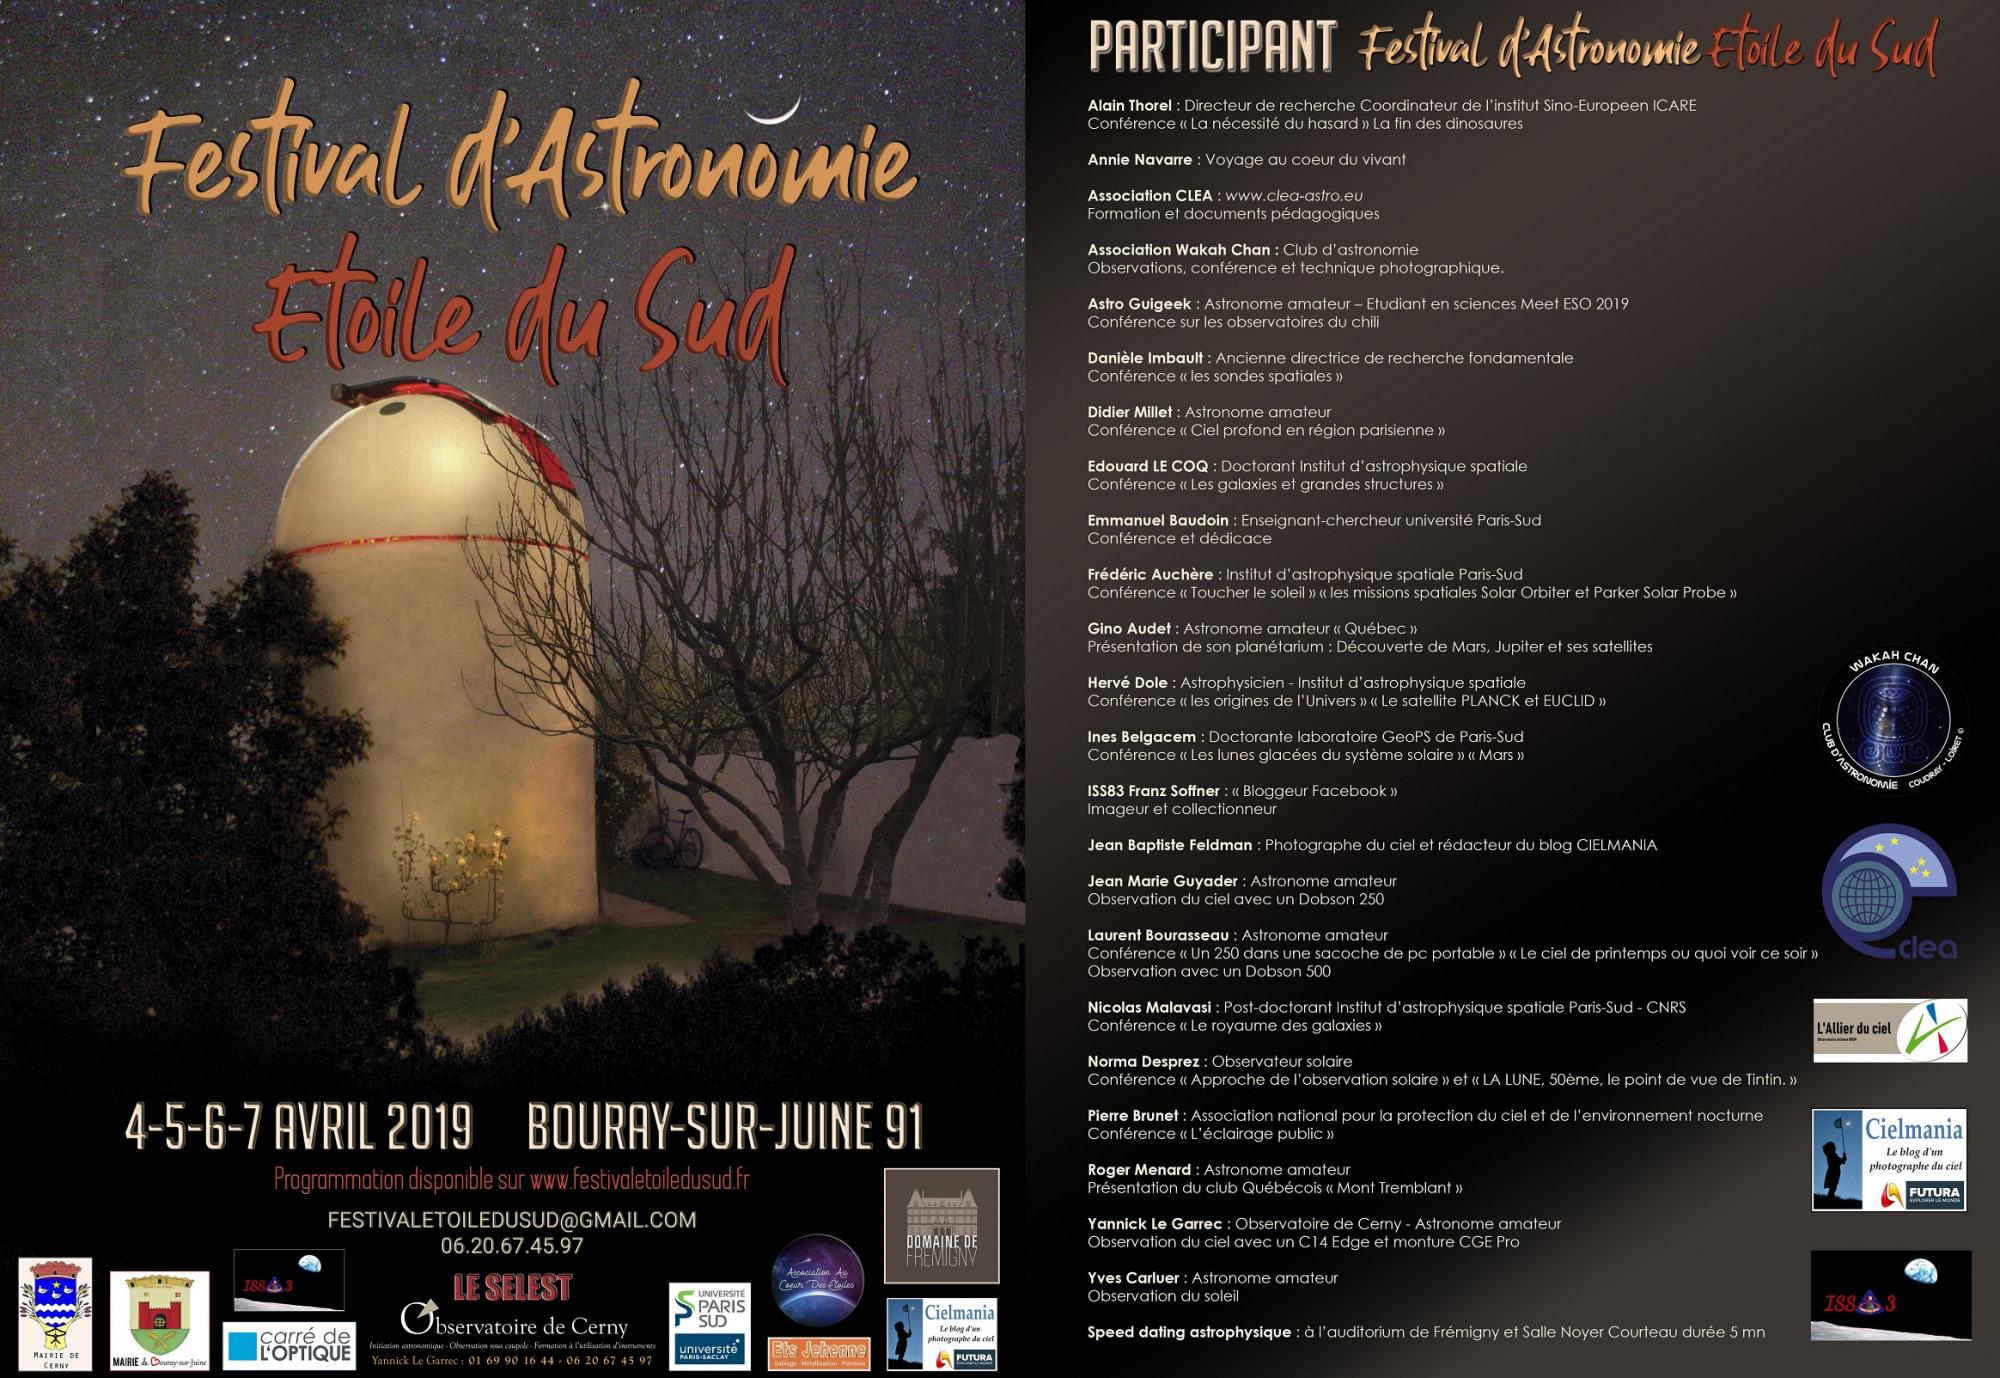 Affiche + participants - Etoile du Sud.jpg